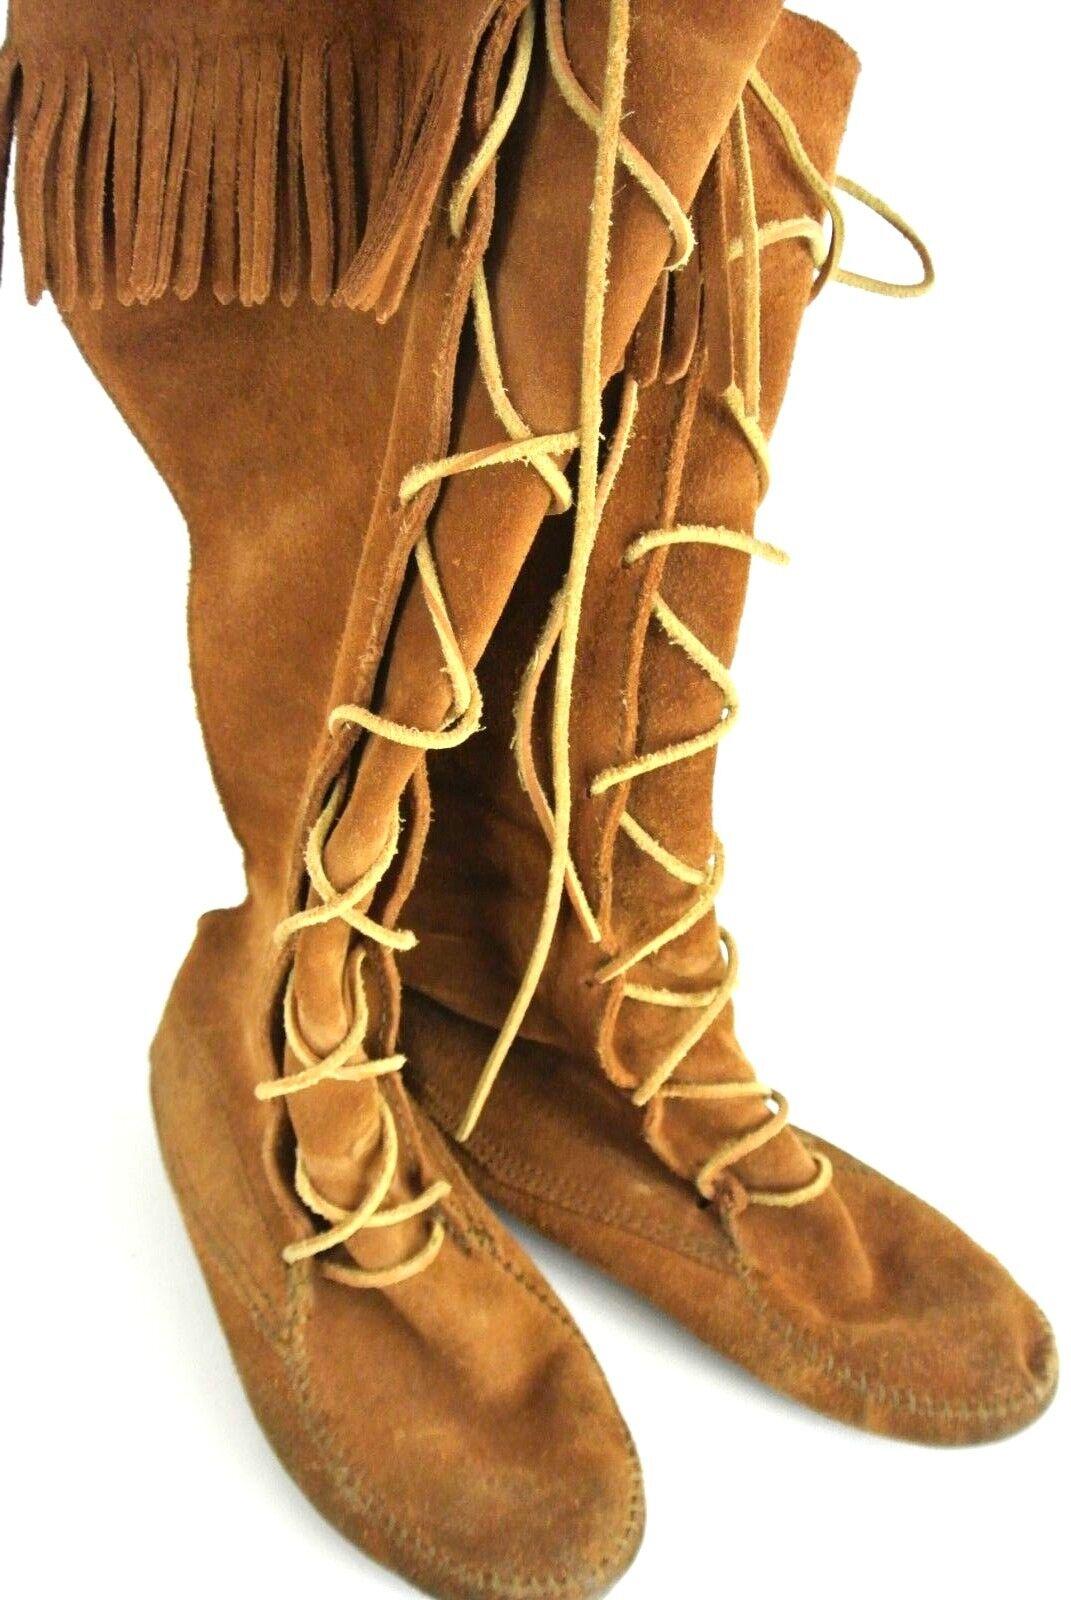 Minnetonka Mocasín Mocasín Mocasín Con Cordones Gamuza de la rodilla botas altas talla 8 con flecos marrón Hippie  respuestas rápidas